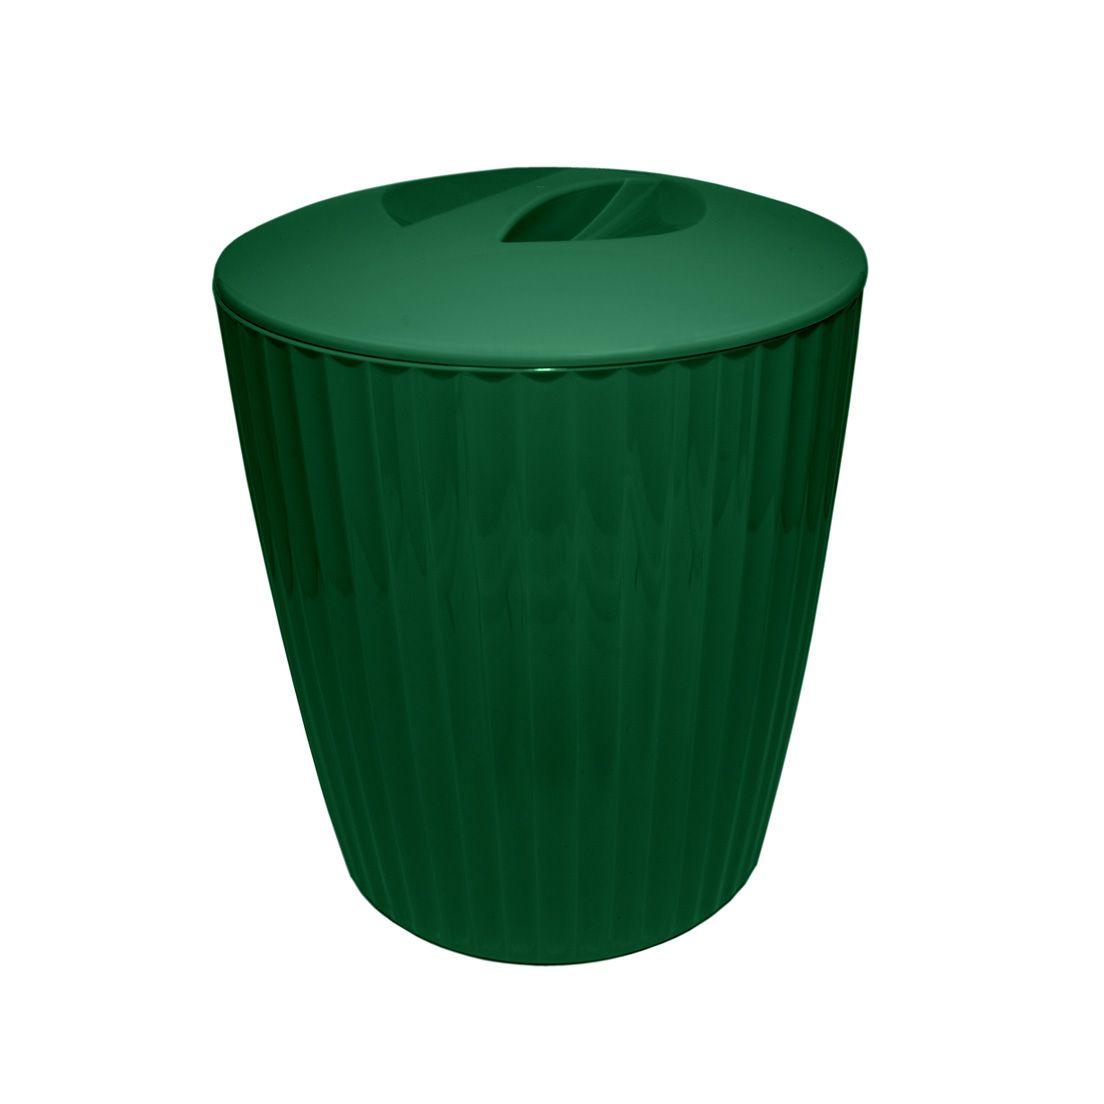 Lixeira Ou Groove 5L de Plástico para Banheiro com Tampa Verde Botânico